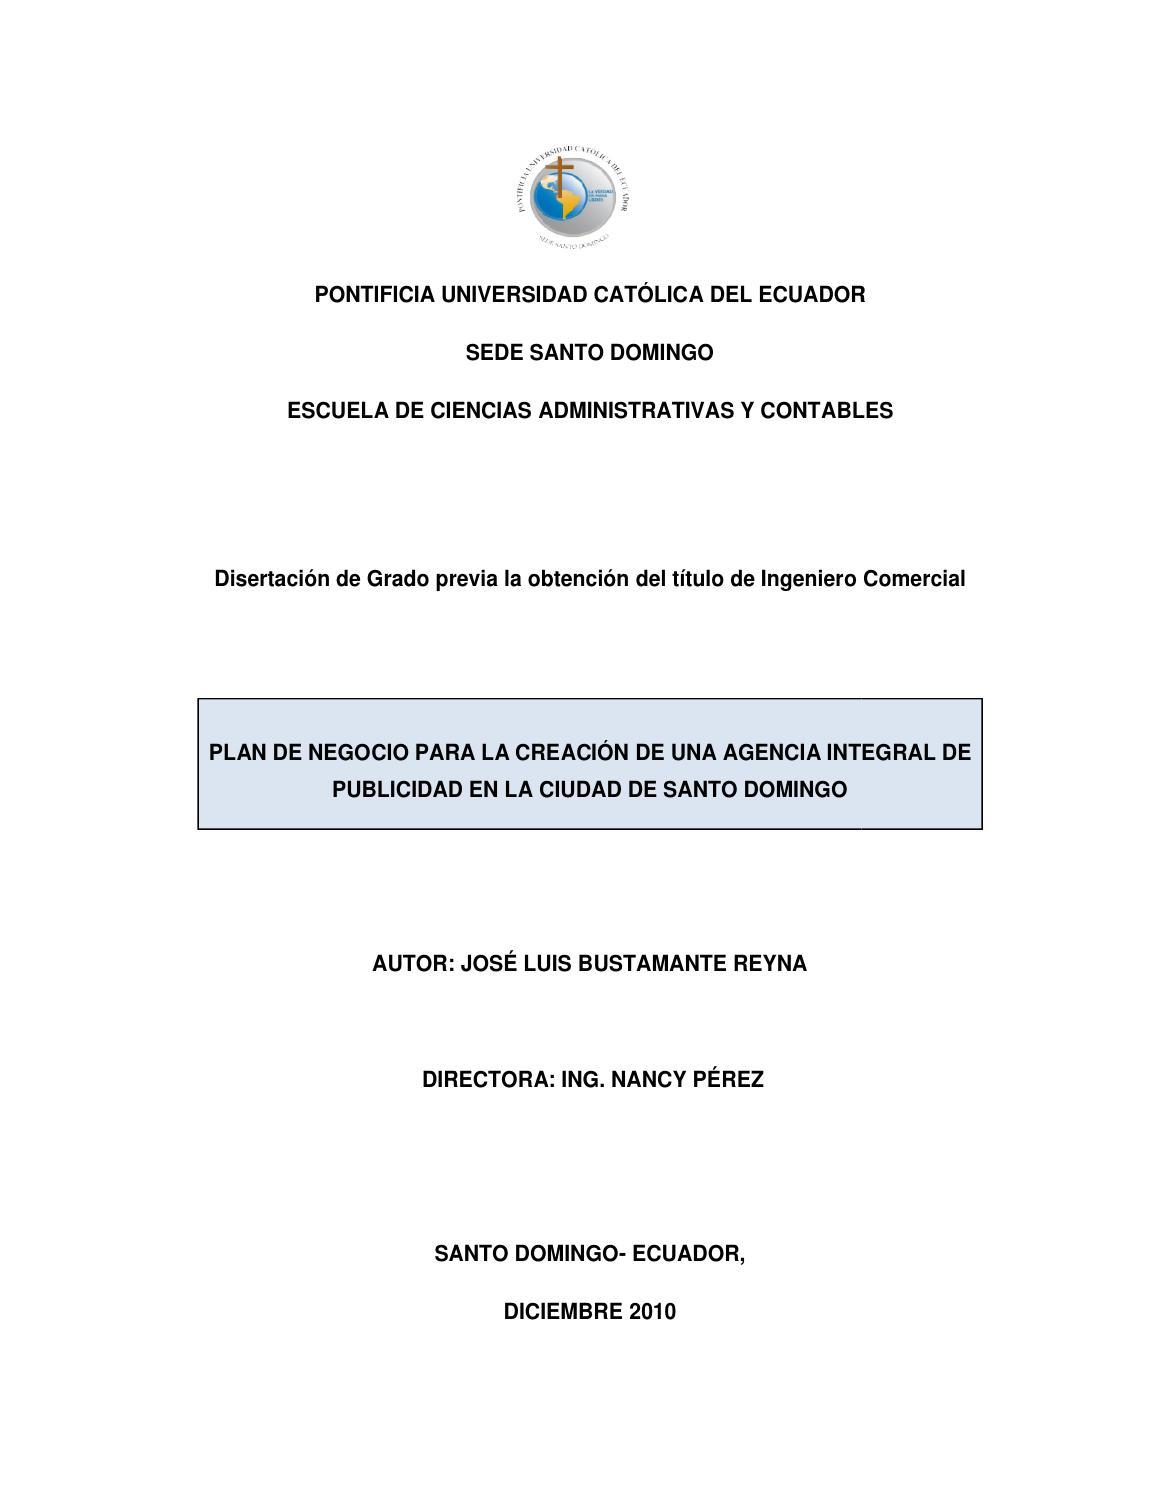 Creación de una agencia integral de publicidad en la ciudad de Santo ...